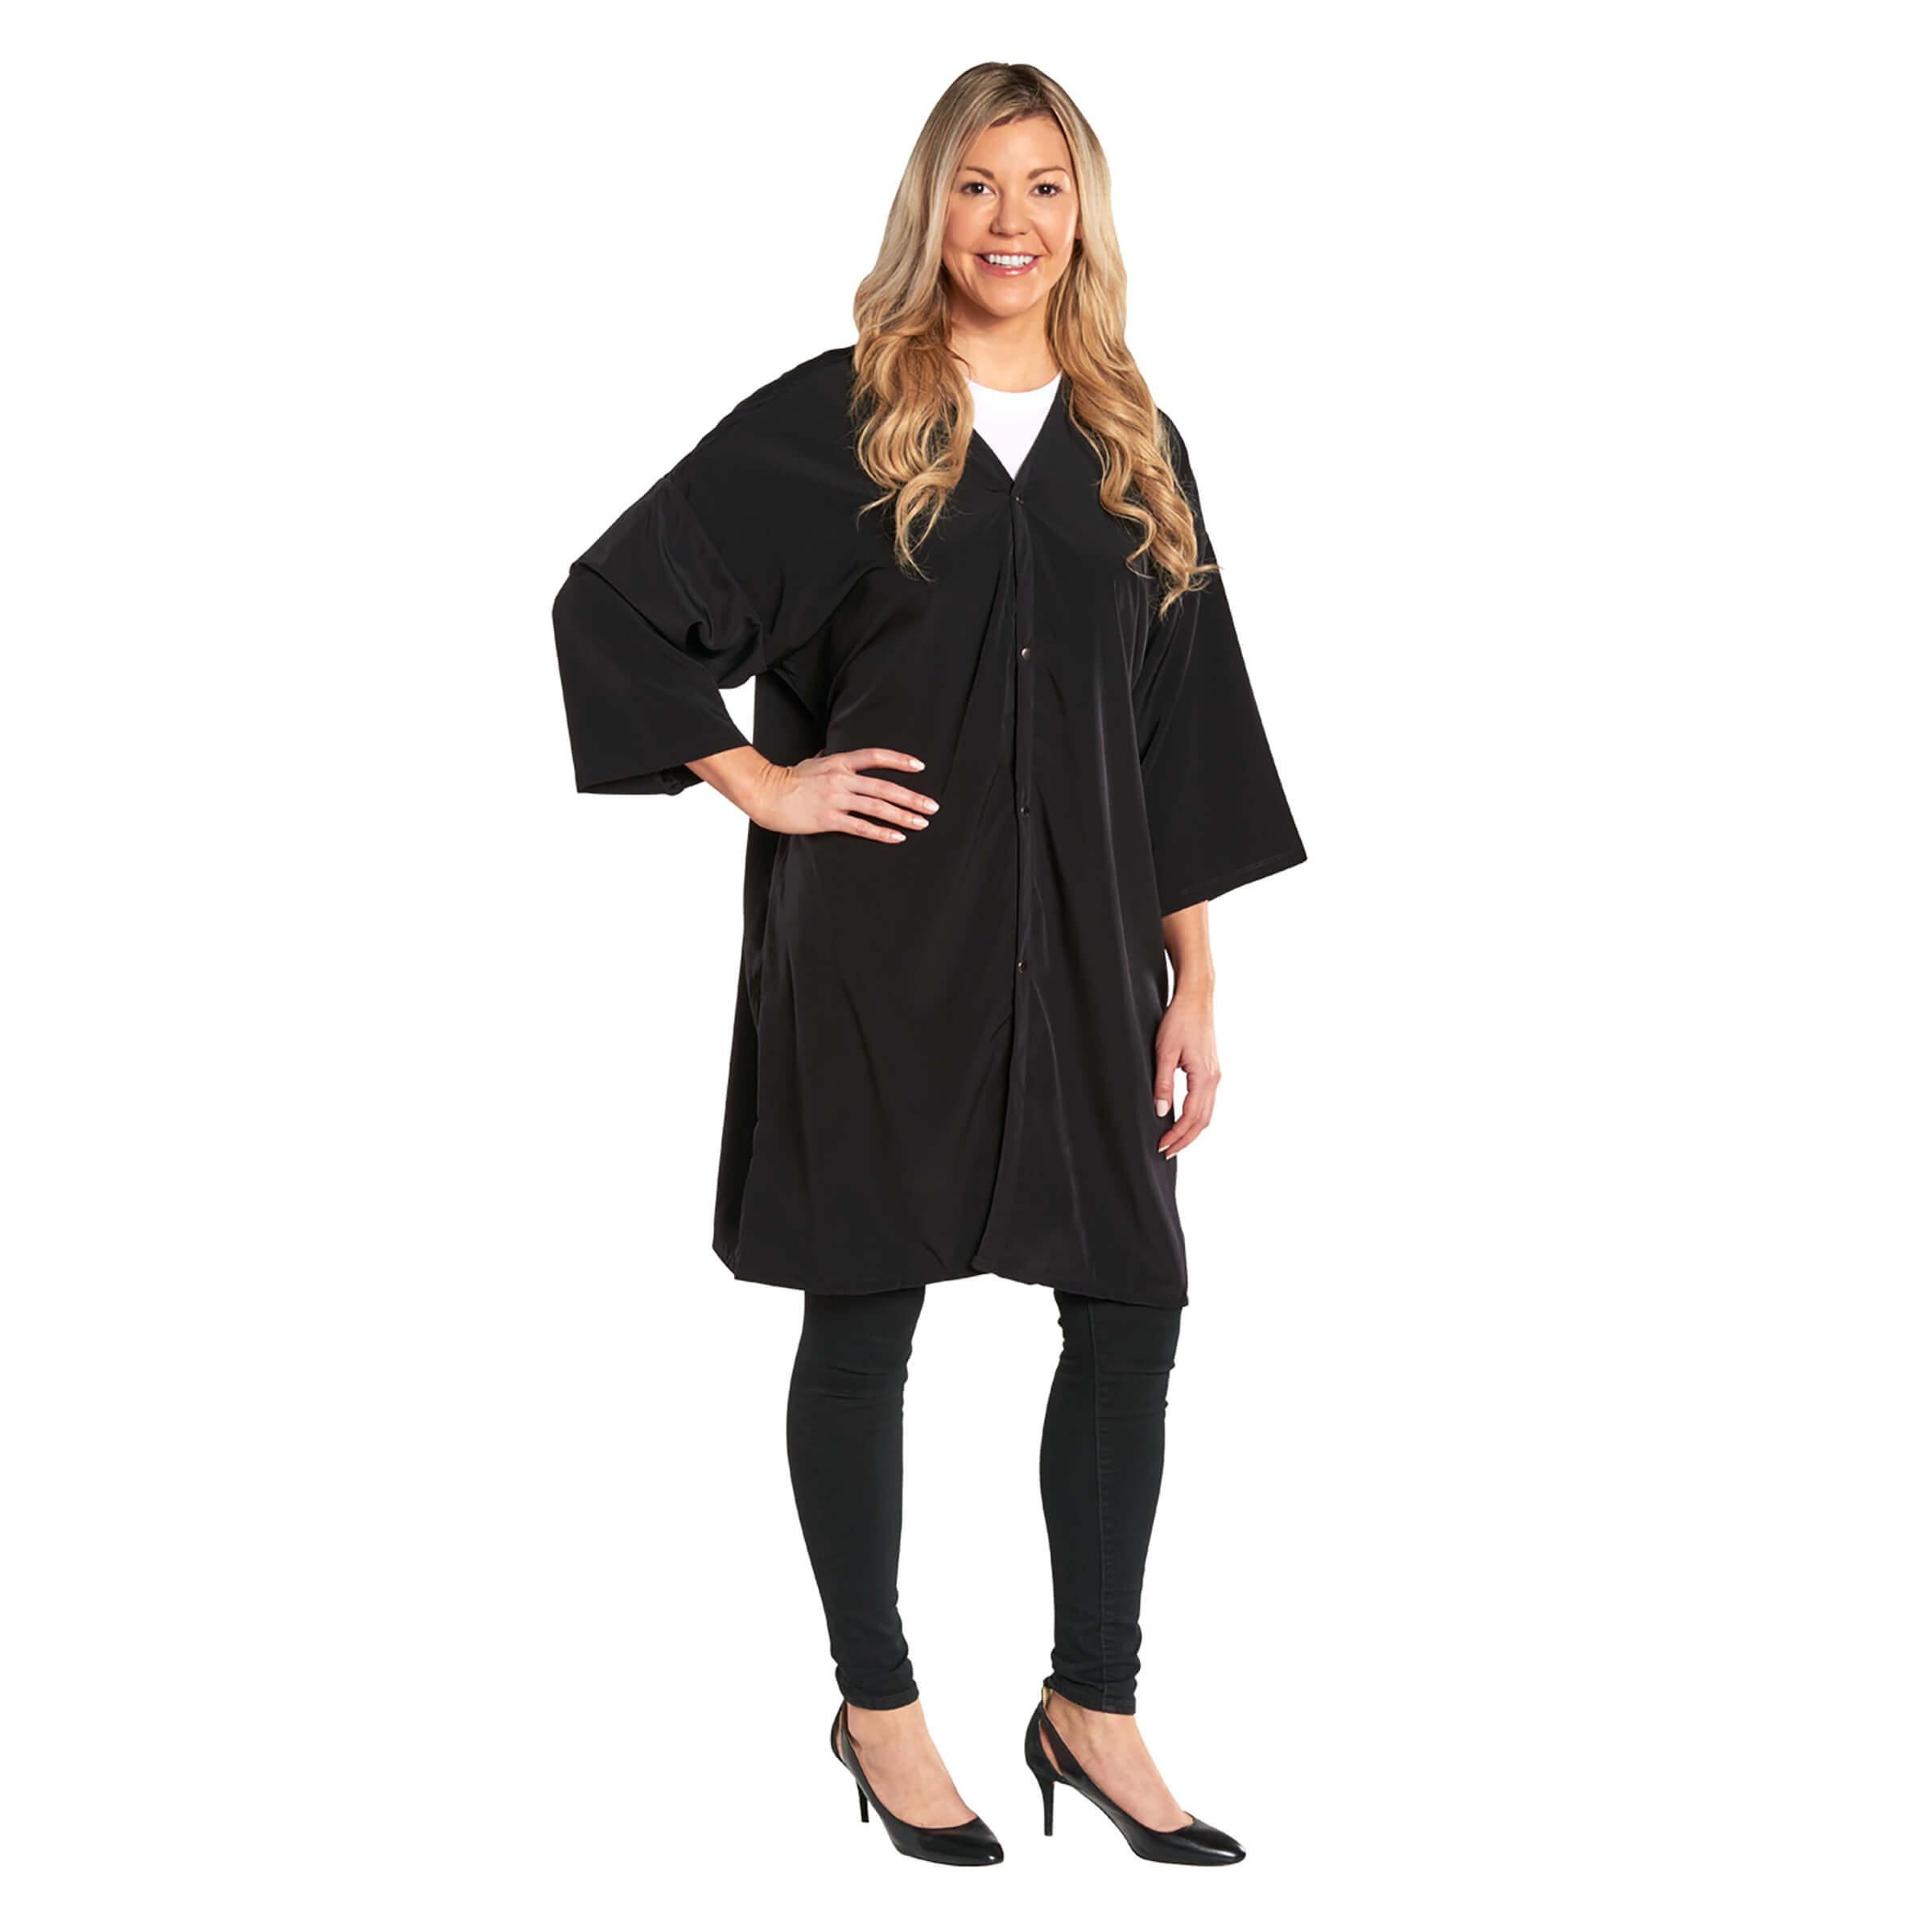 CR-BLK-a-client-robe-black-l.jpg